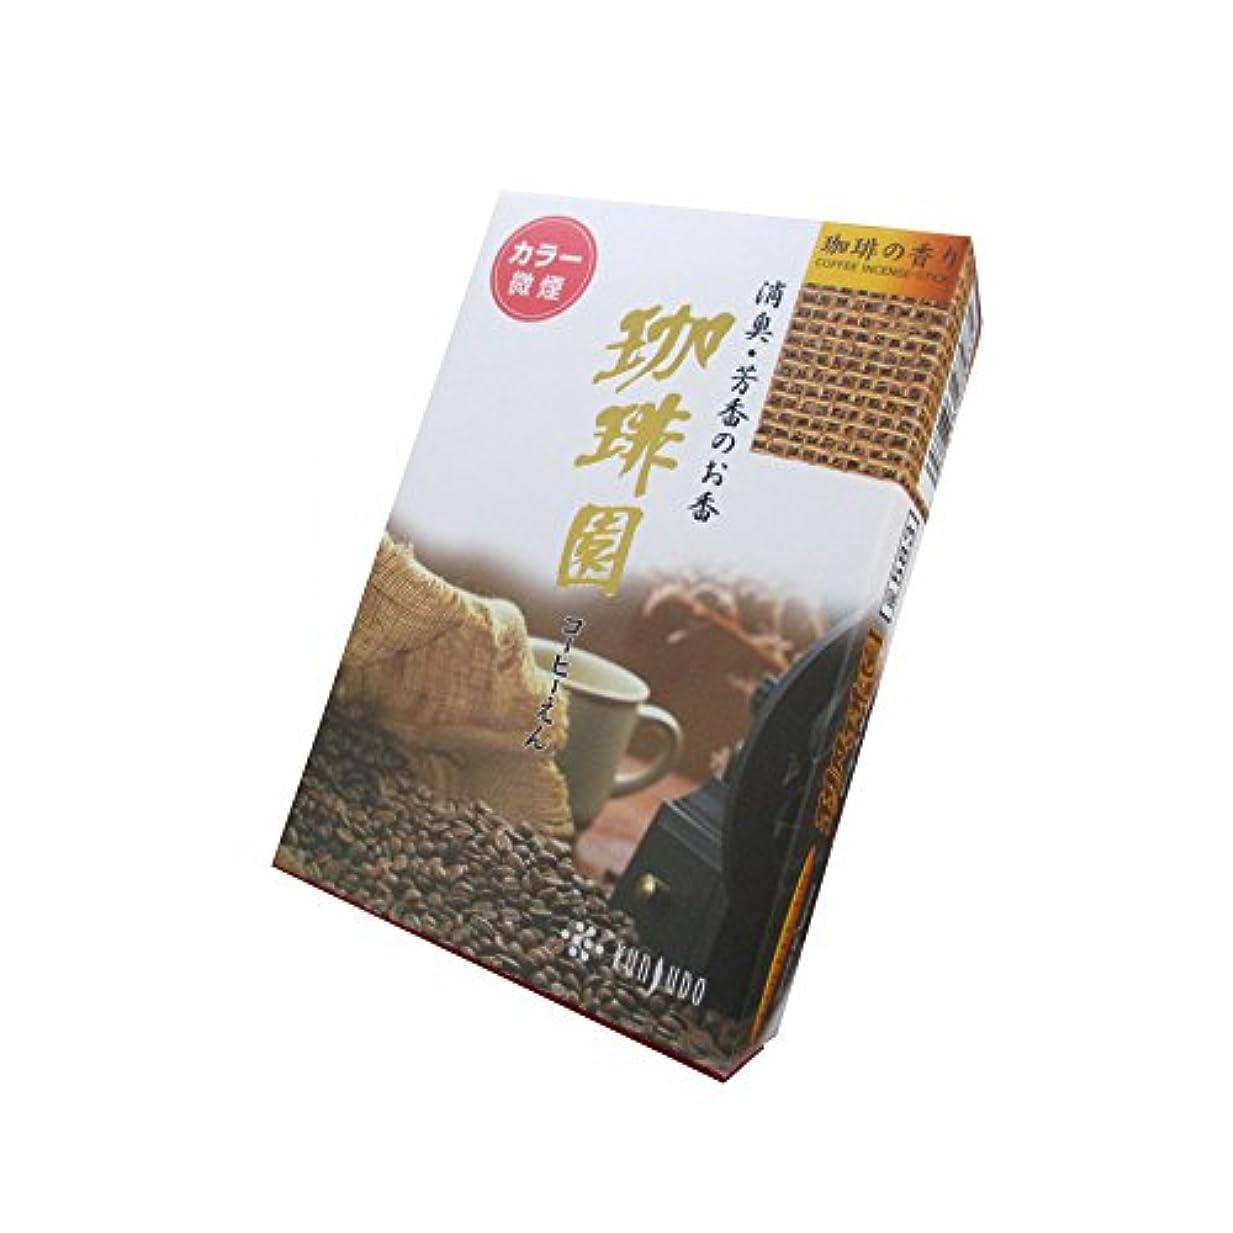 ジュニアスキームおもちゃ薫寿堂のお線香 珈琲園 微煙 ミニ寸 #583